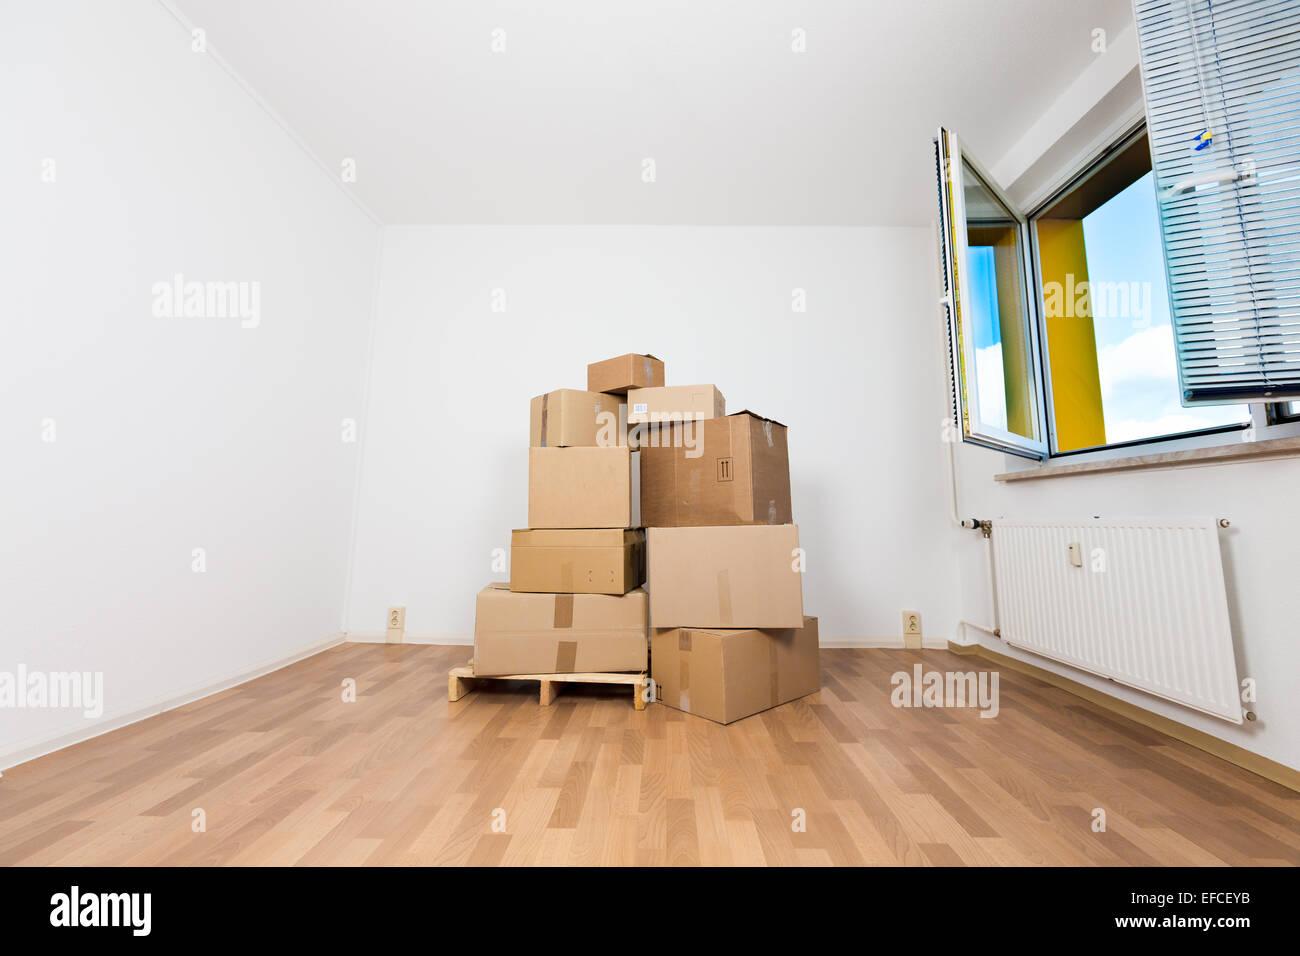 Kartons In Einer Leeren Wohnung. Umzug In Eine Neue Wohnung